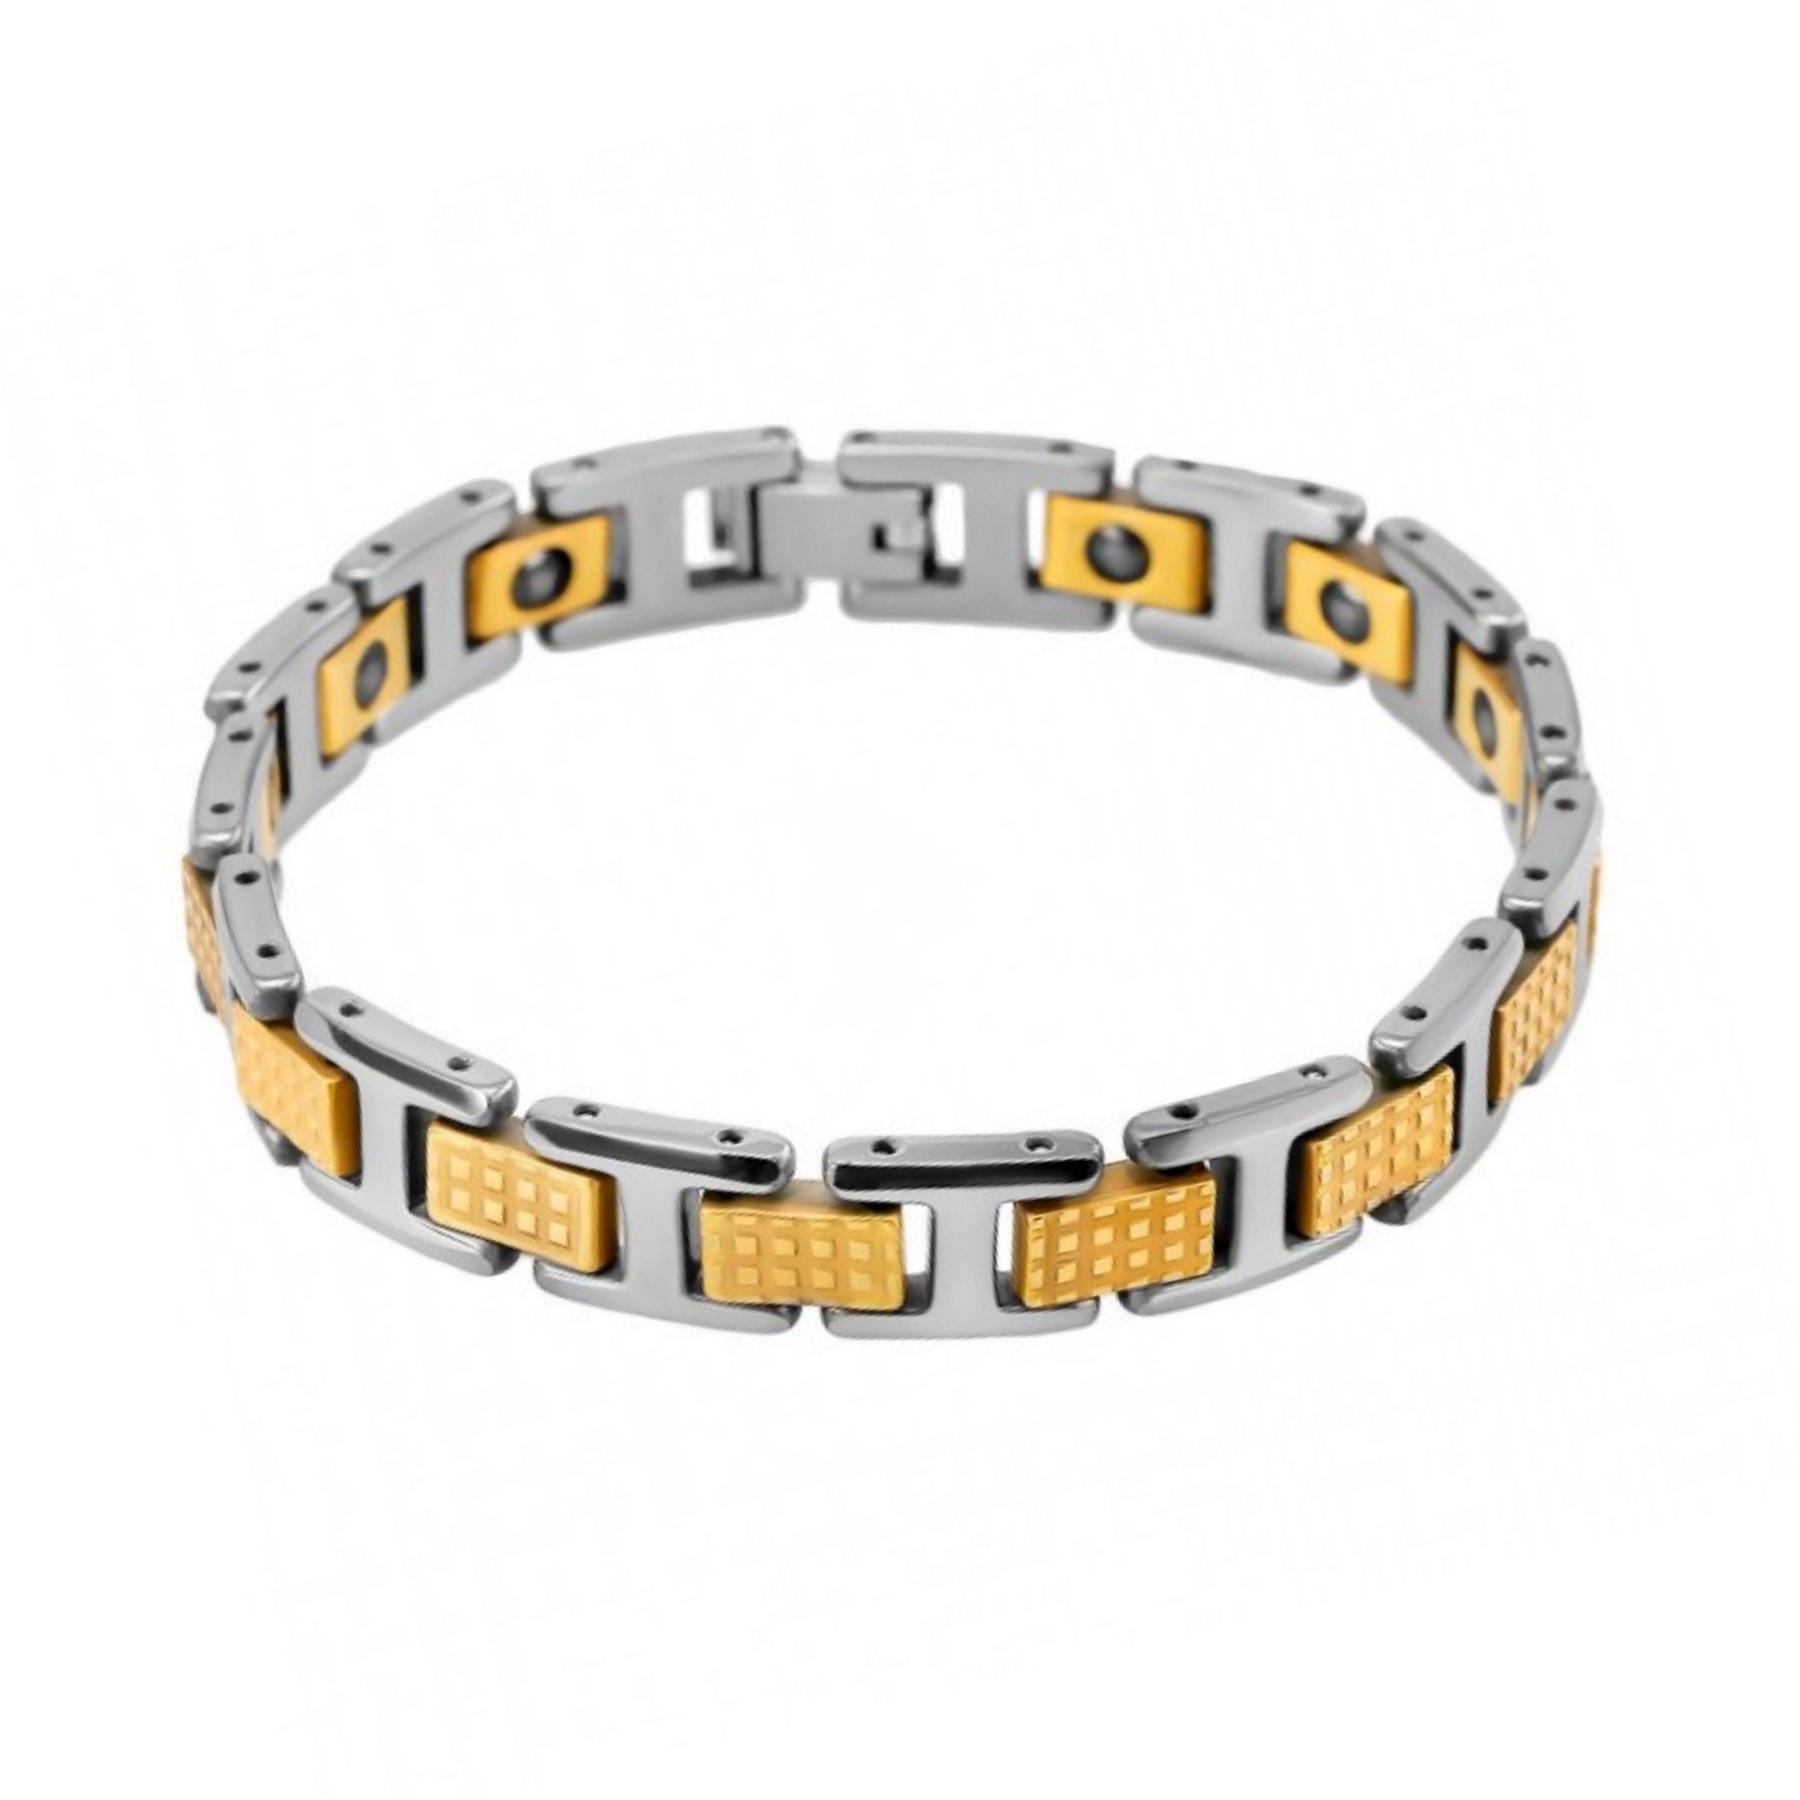 دستبند مغناطیسی مدل tungesten کد 117